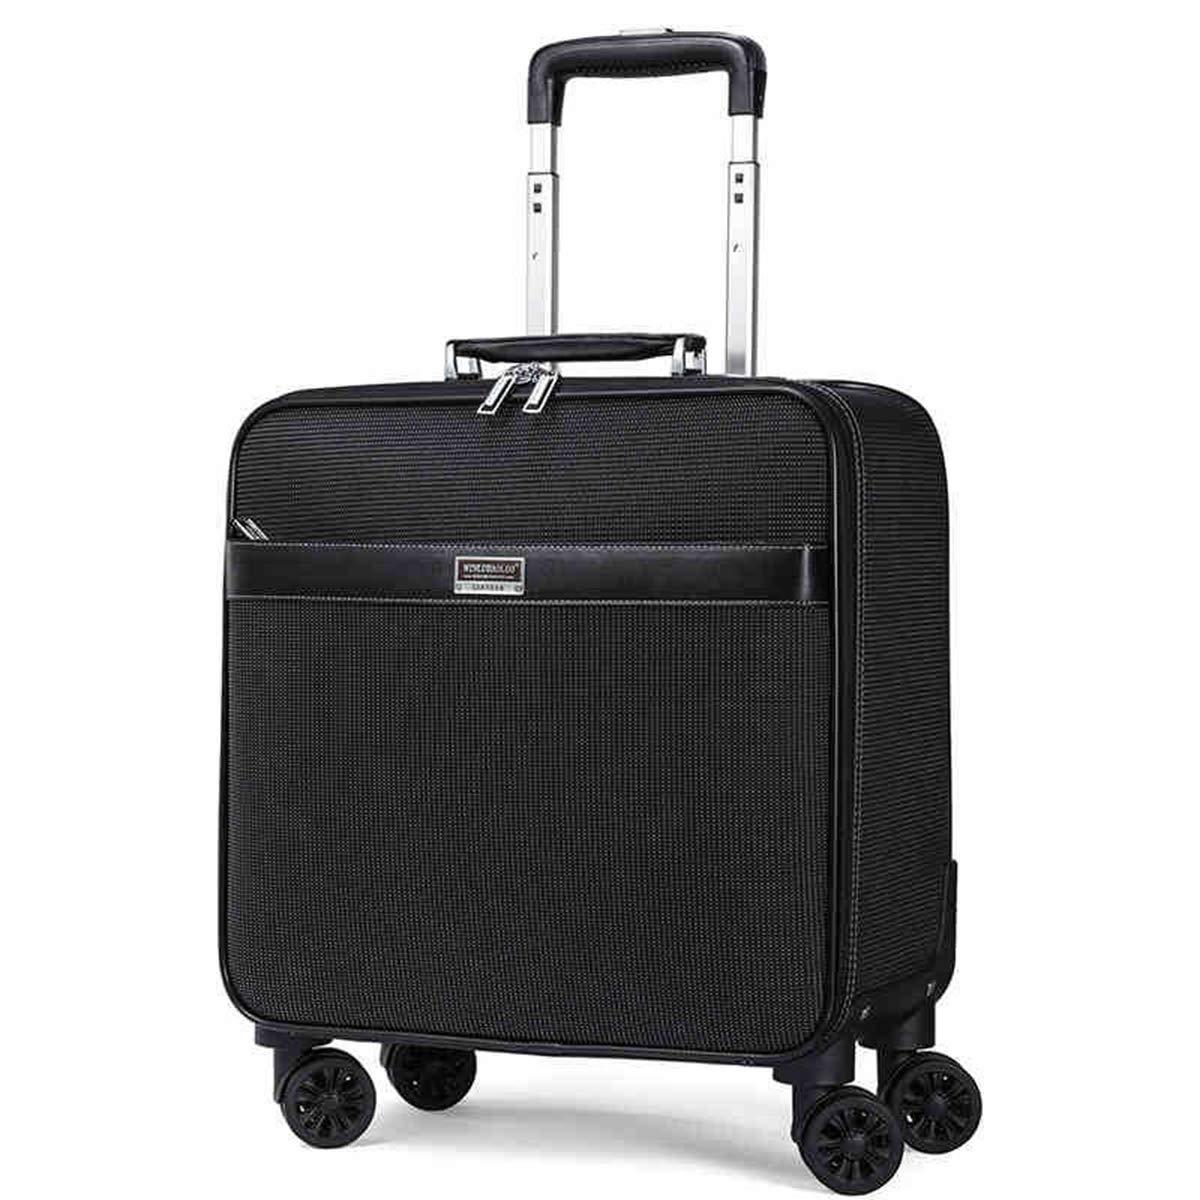 出張搭乗スーツケース軽量旅行は4つの車輪及びTSAロックが付いている小屋手の荷物のスーツケースを続けます,Black,16in B07QDGCWHS Black 16in